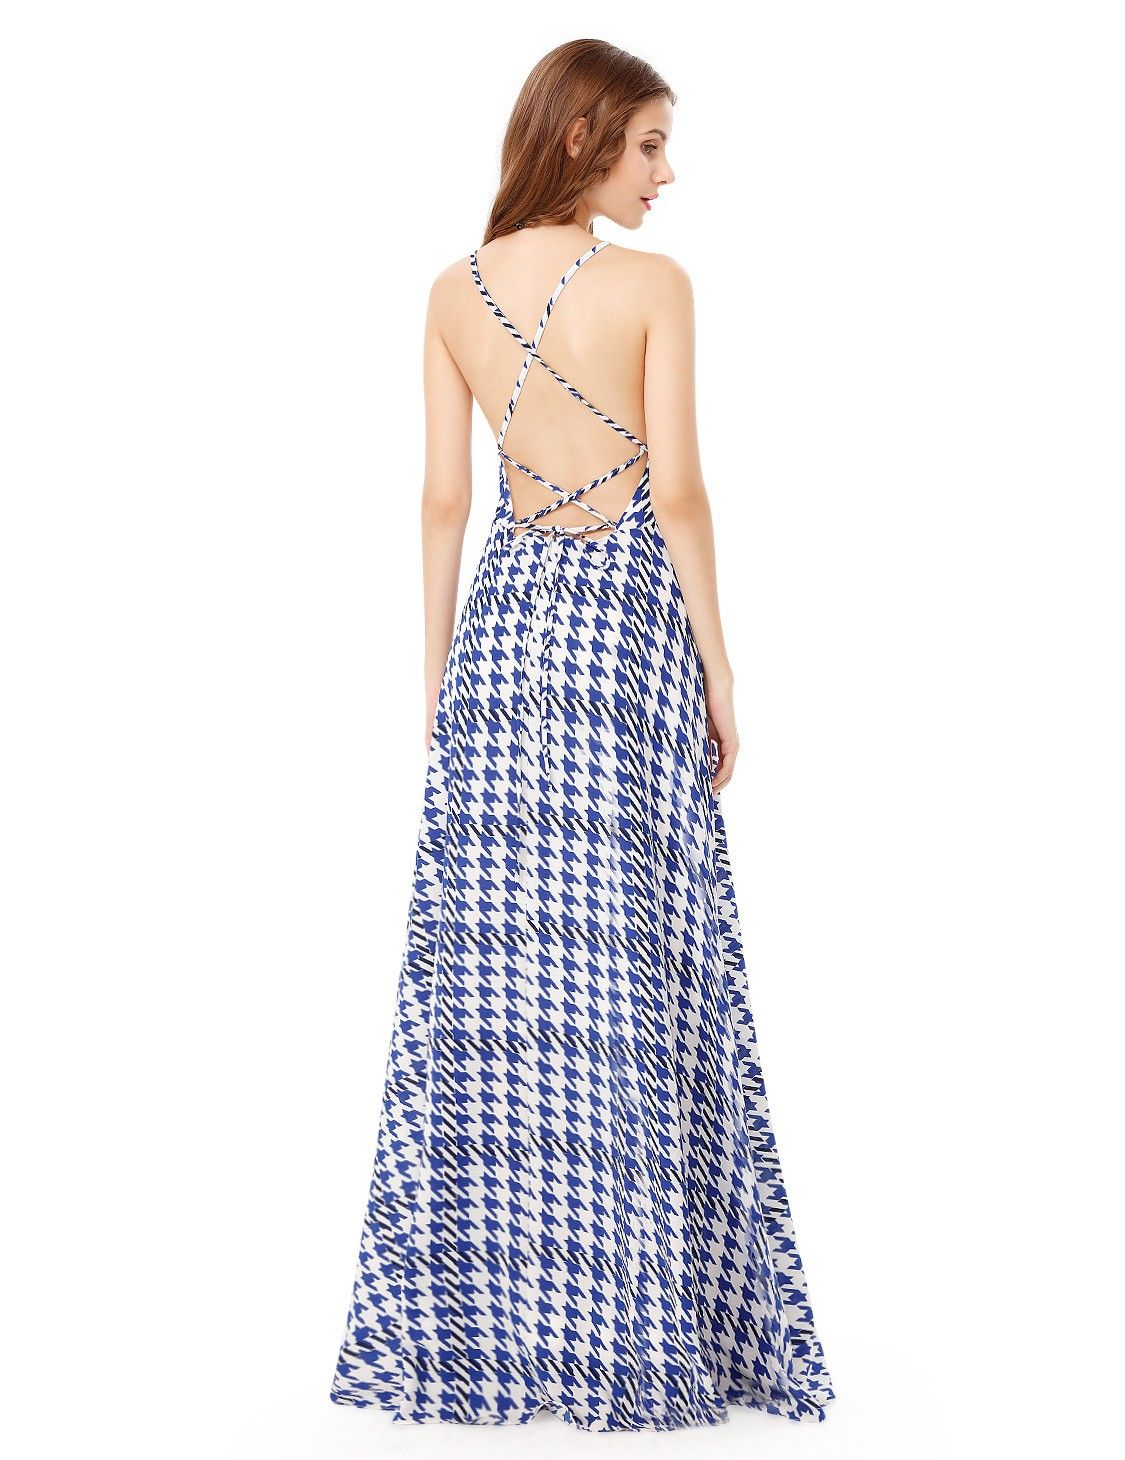 7e584bcf0b Alisa Pan Adjustable Cross Back Long Summer Maxi Dress | Ever-Pretty  #summerdress #summerstyle #printdress #EverPretty